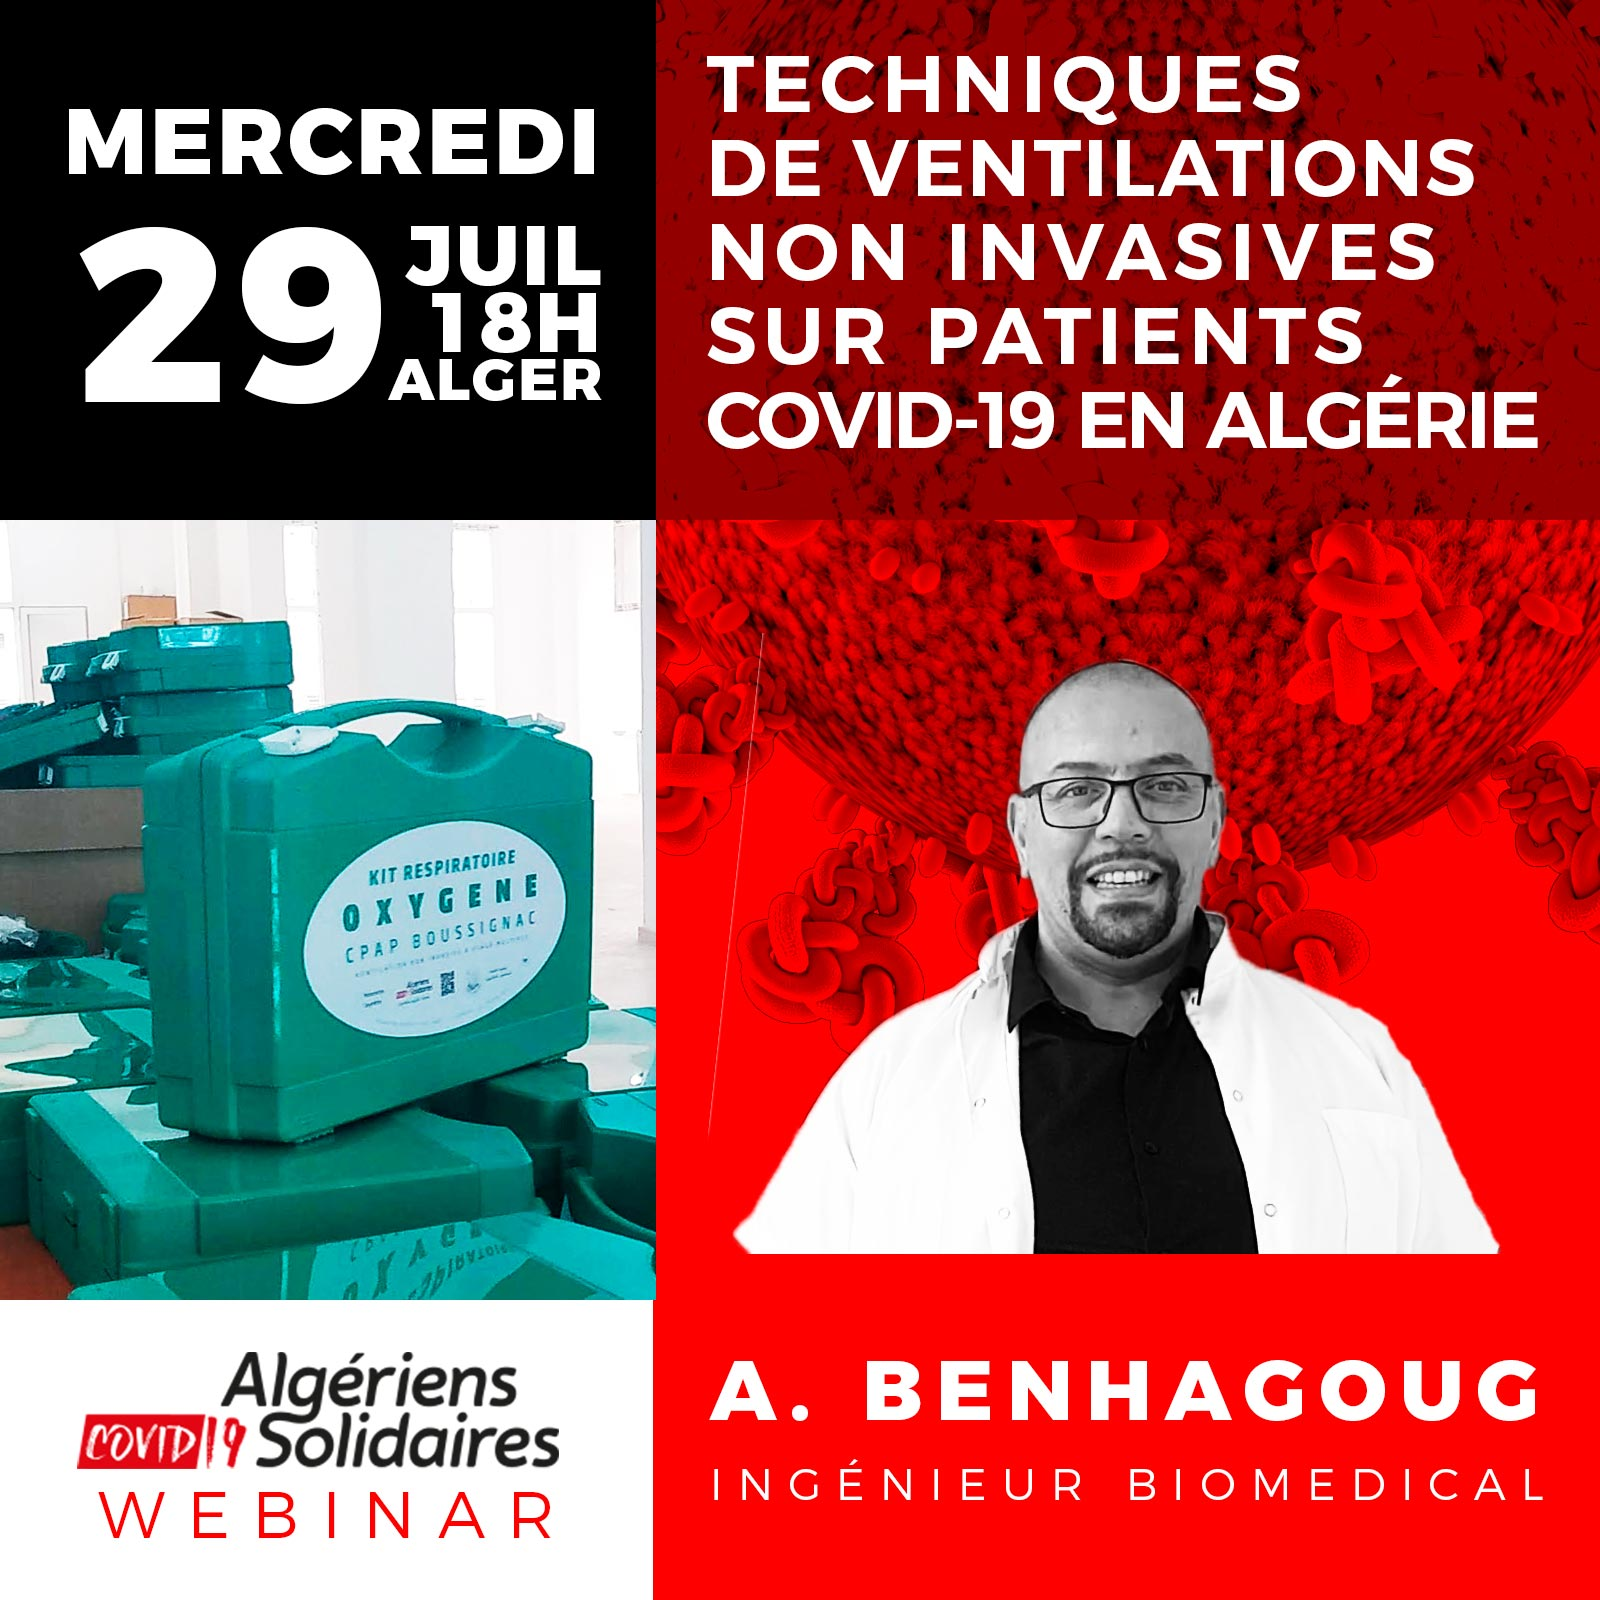 Webinair : Pourquoi la CPAP de Boussignac comme technique de ventilation non invasive sur patients Covid-19 en Algérie ?